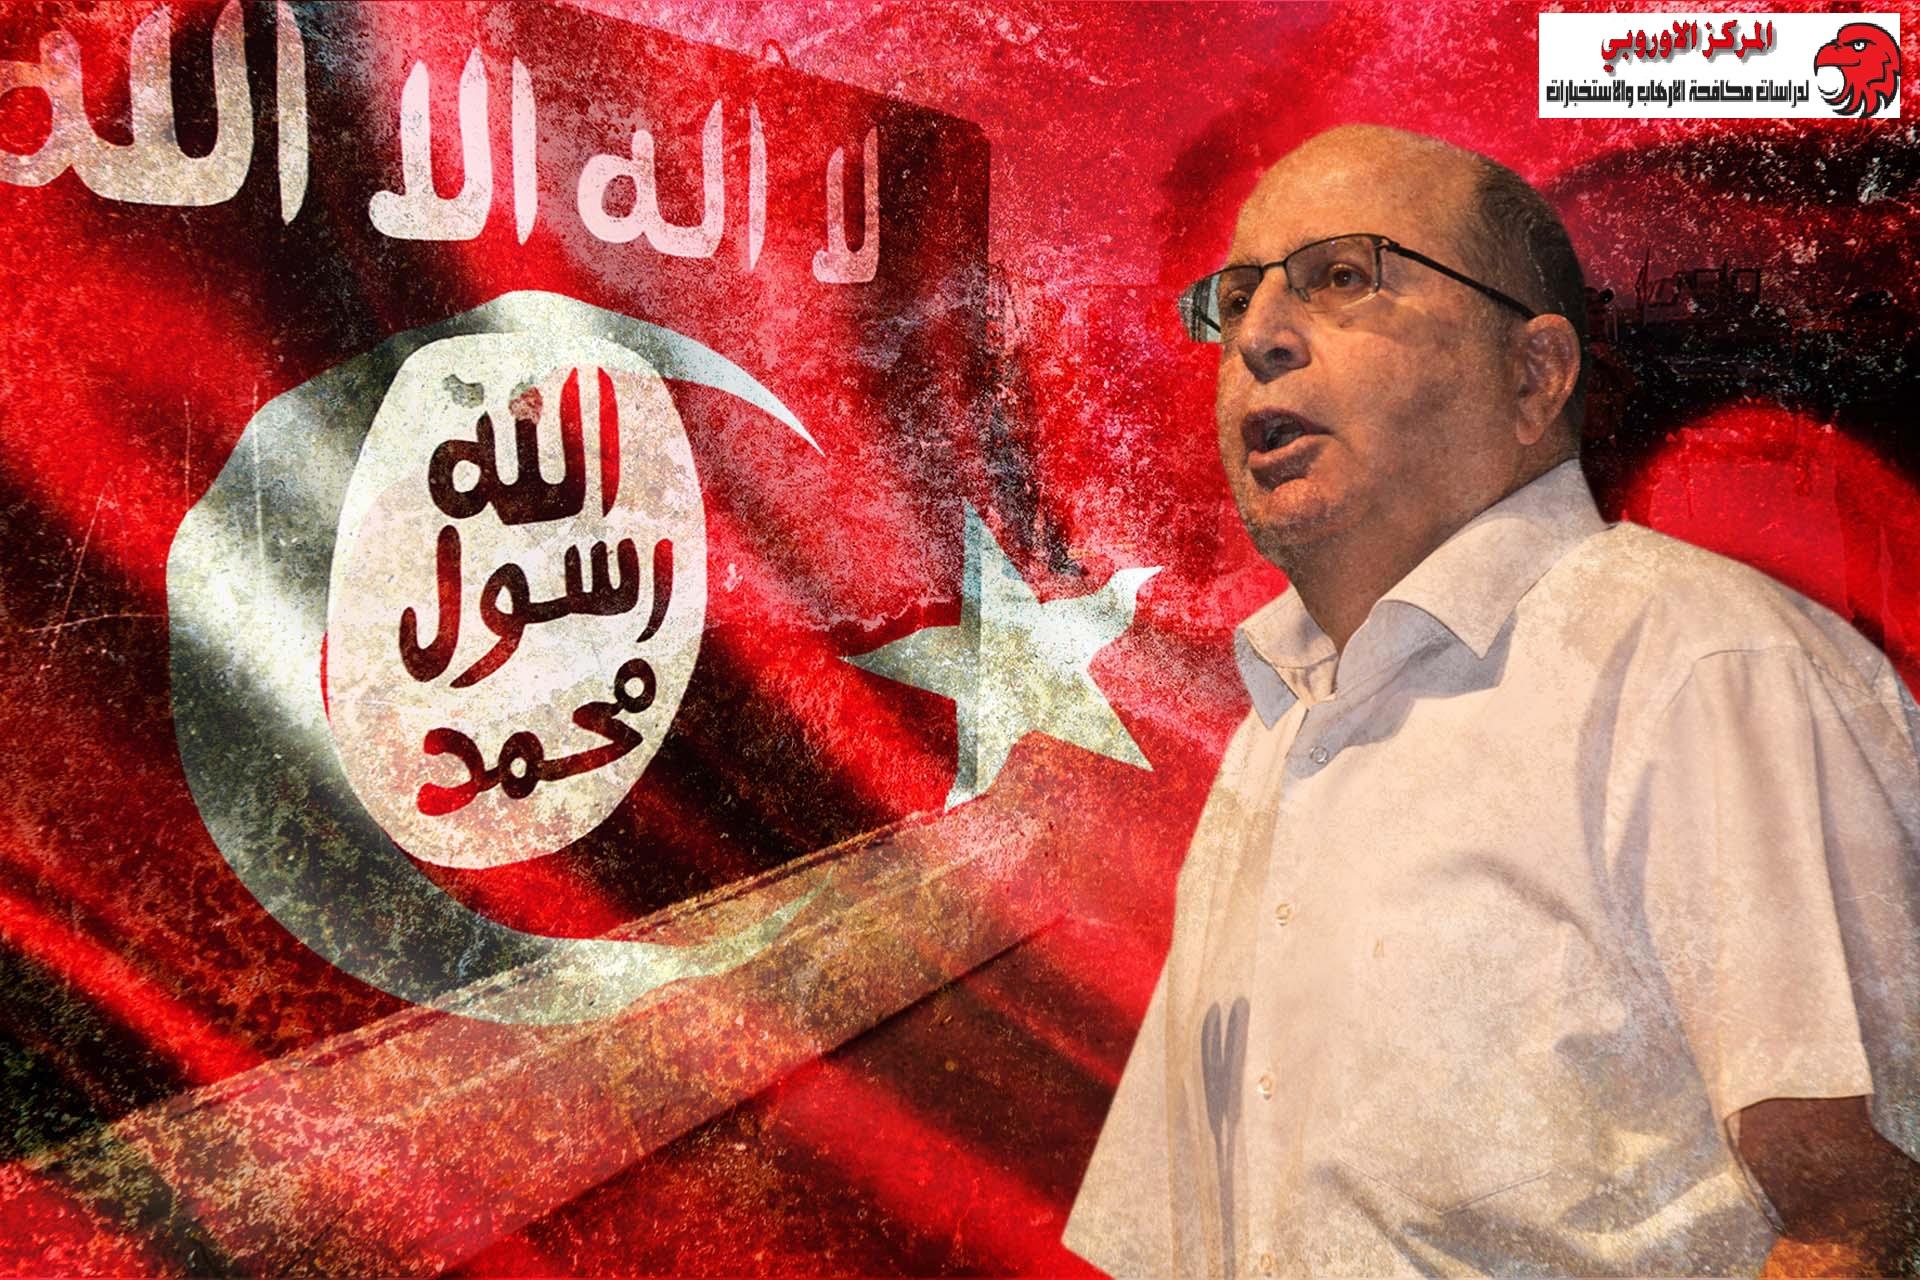 كيف تورطت تركيا مع تنظيم داعش؟ وماهي معسكرات التنظيم على اراضيها ؟